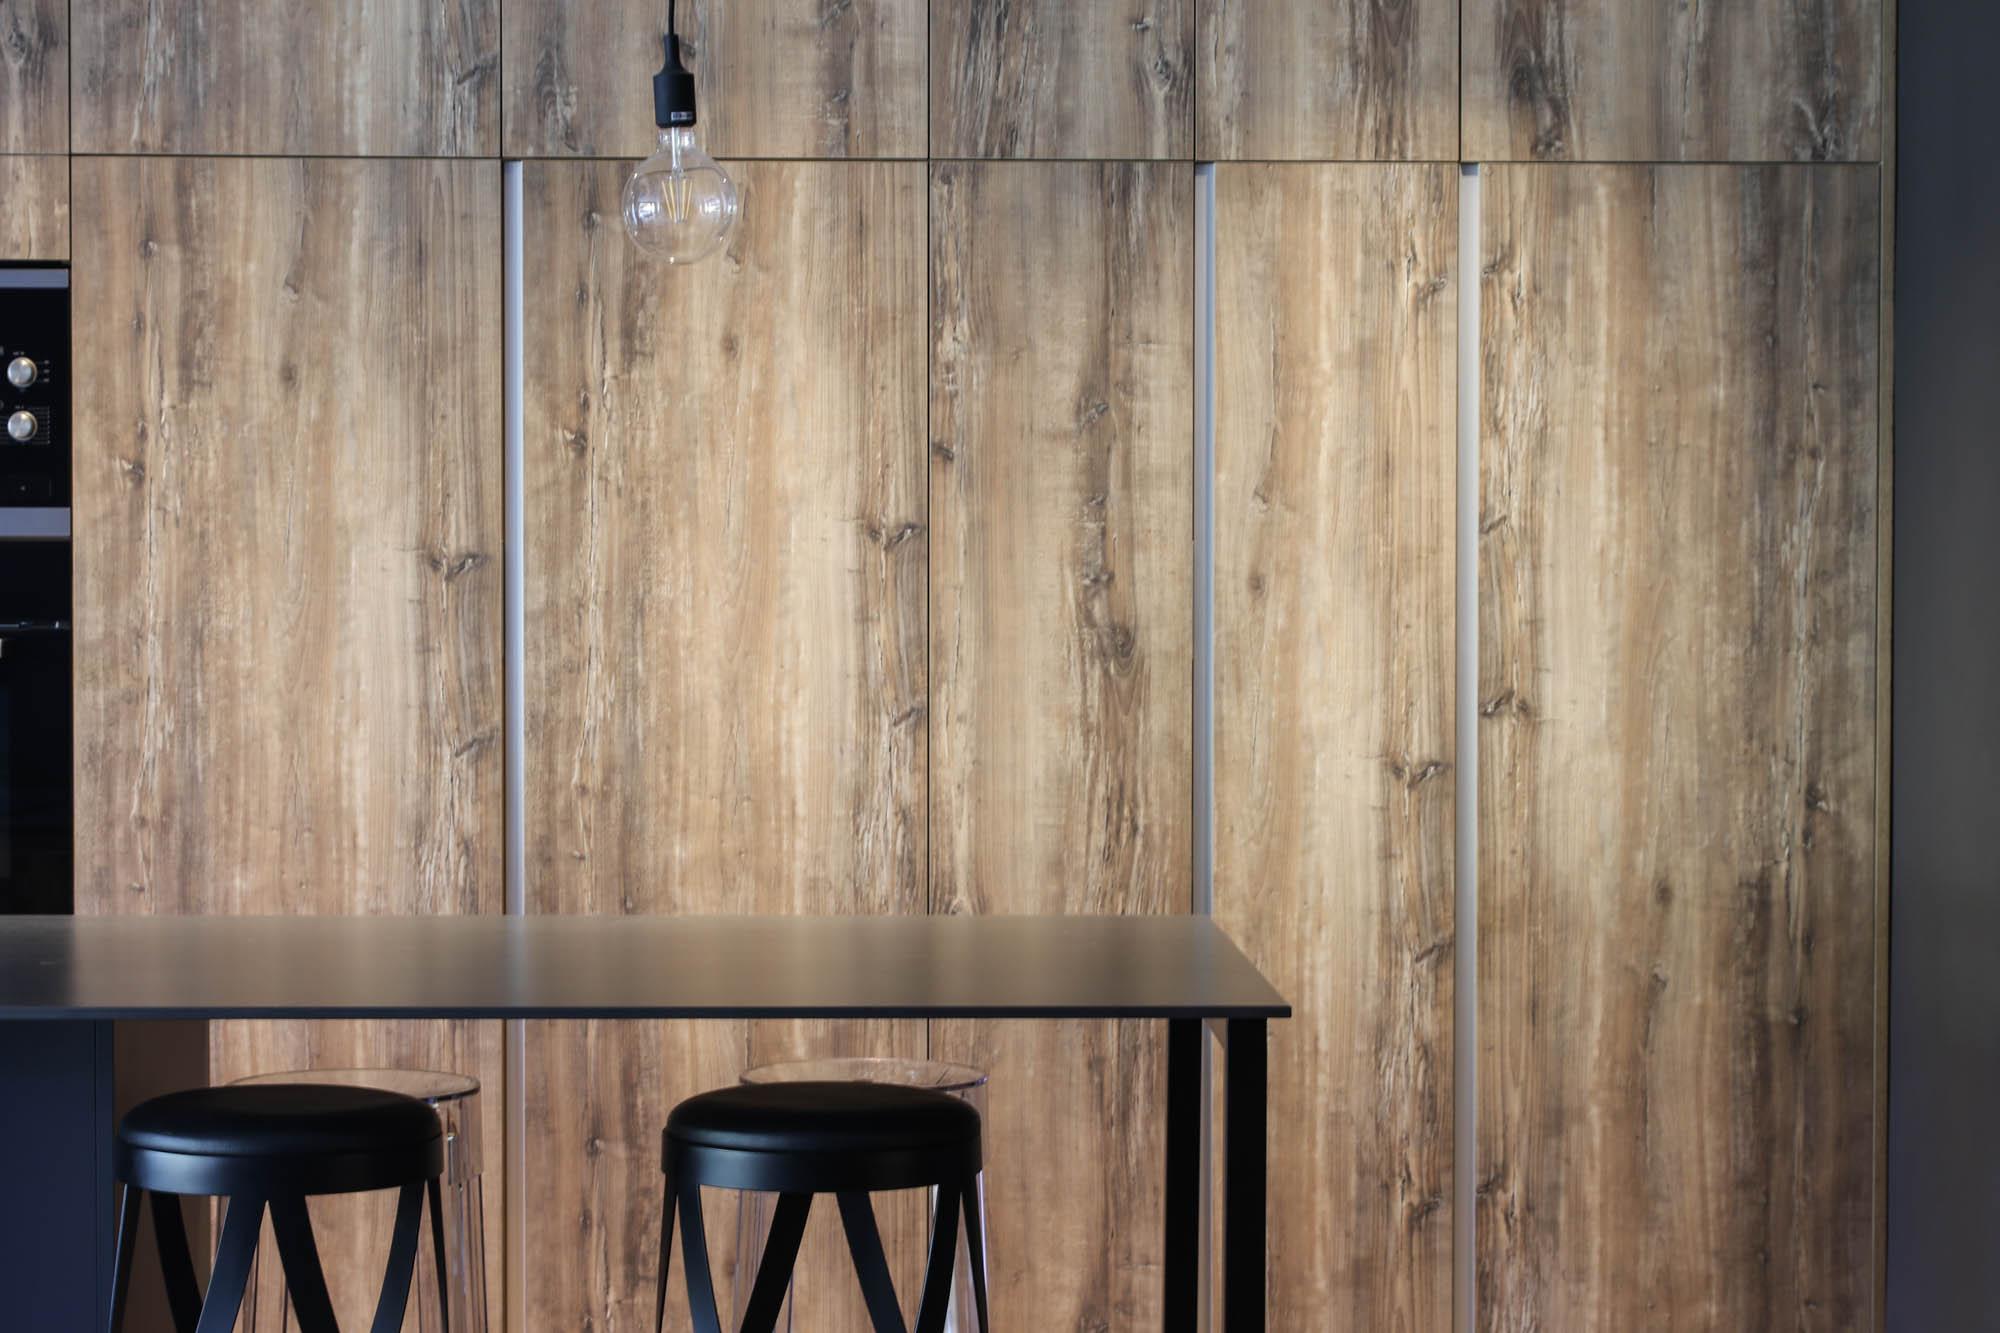 NOS ADAPTAMOS A TÍ - Integrando el trabajo de arquitectos, aparejadores e interioristas, el estudio busca los mejores resultados según las necesidades del cliente.Nunca olvidamos aunar la funcionalidad de los espacios con la búsqueda de un resultado estético lleno de confort y calidez.La luz, el espacio, diseño y funcionalidad tienen que llevar el mismo camino y tener un lenguaje común